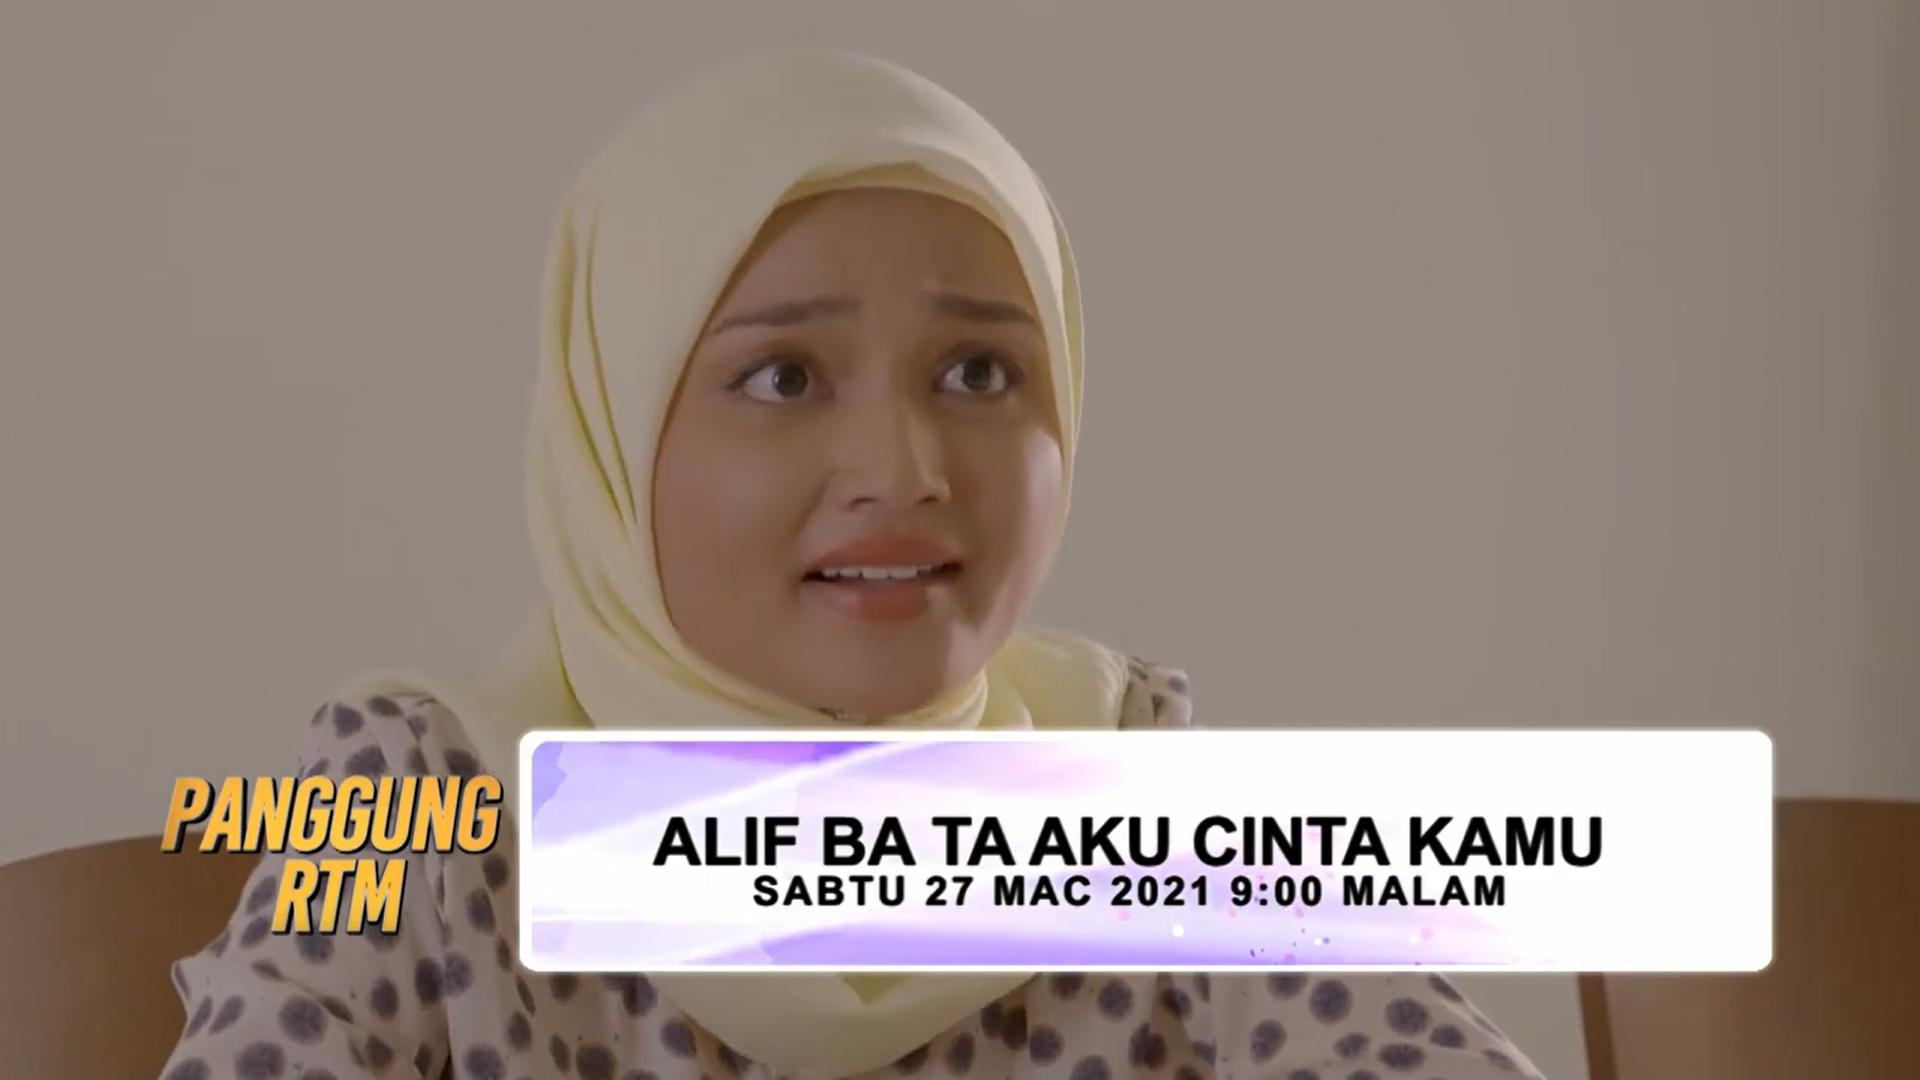 Pelakon Alif Ba Ta Aku Cinta Kamu 2